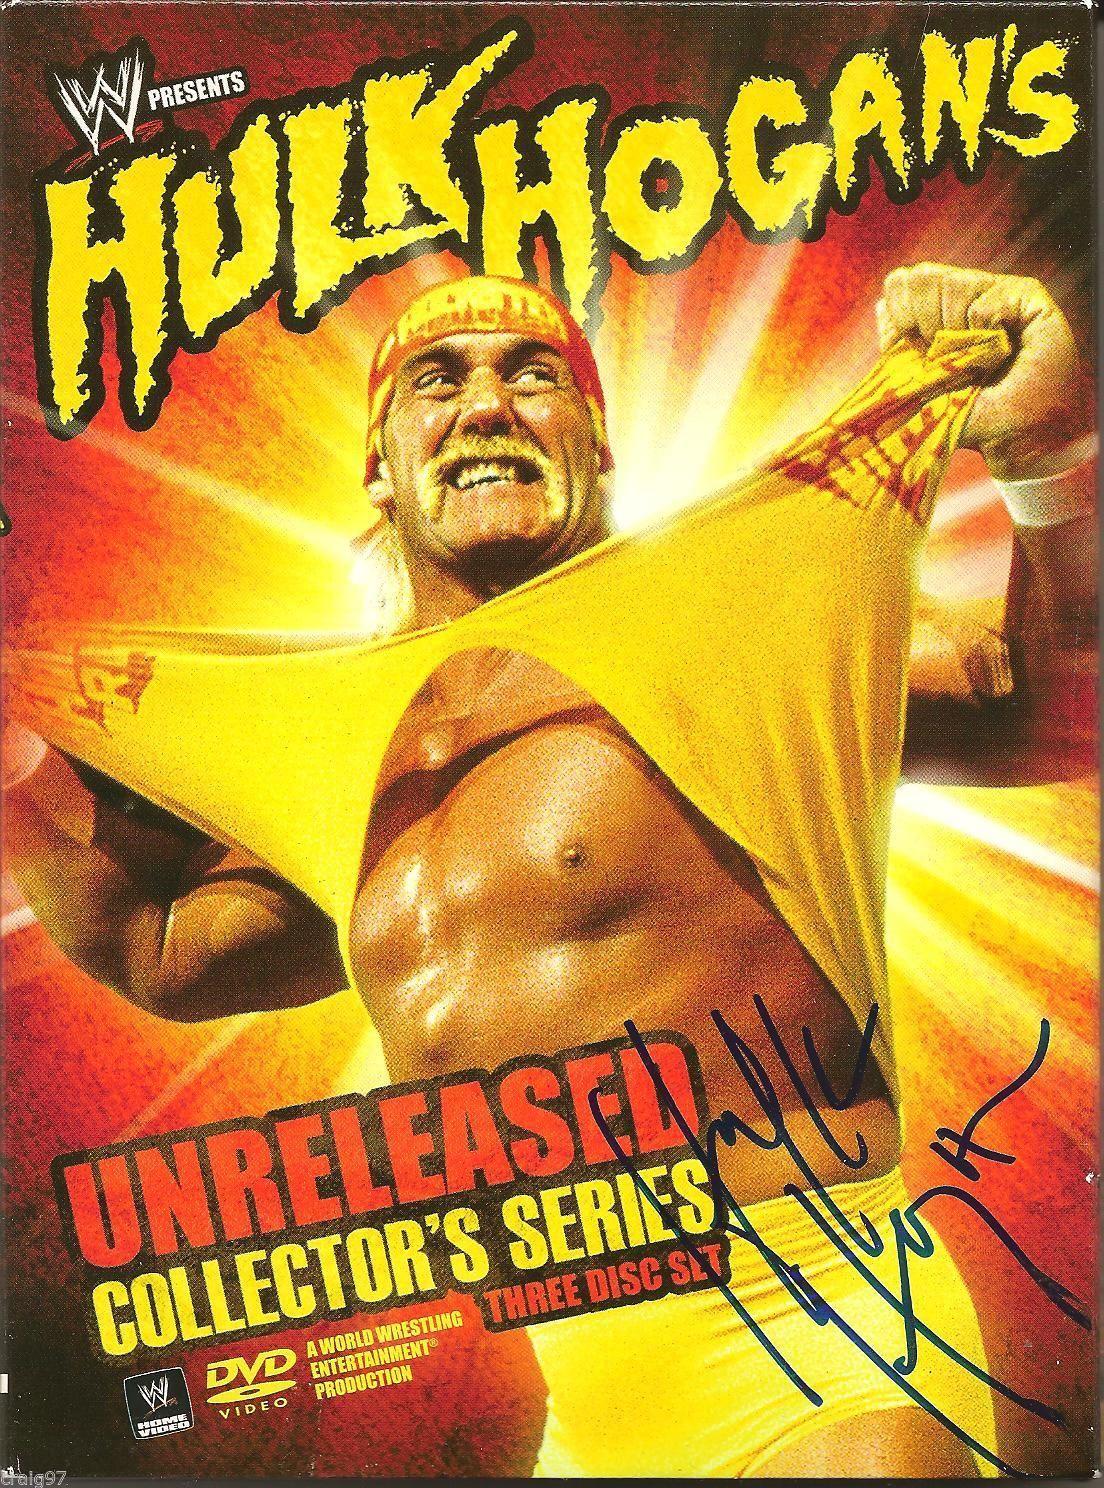 Hulk Hogan Cards And Memorabilia Buying Guide